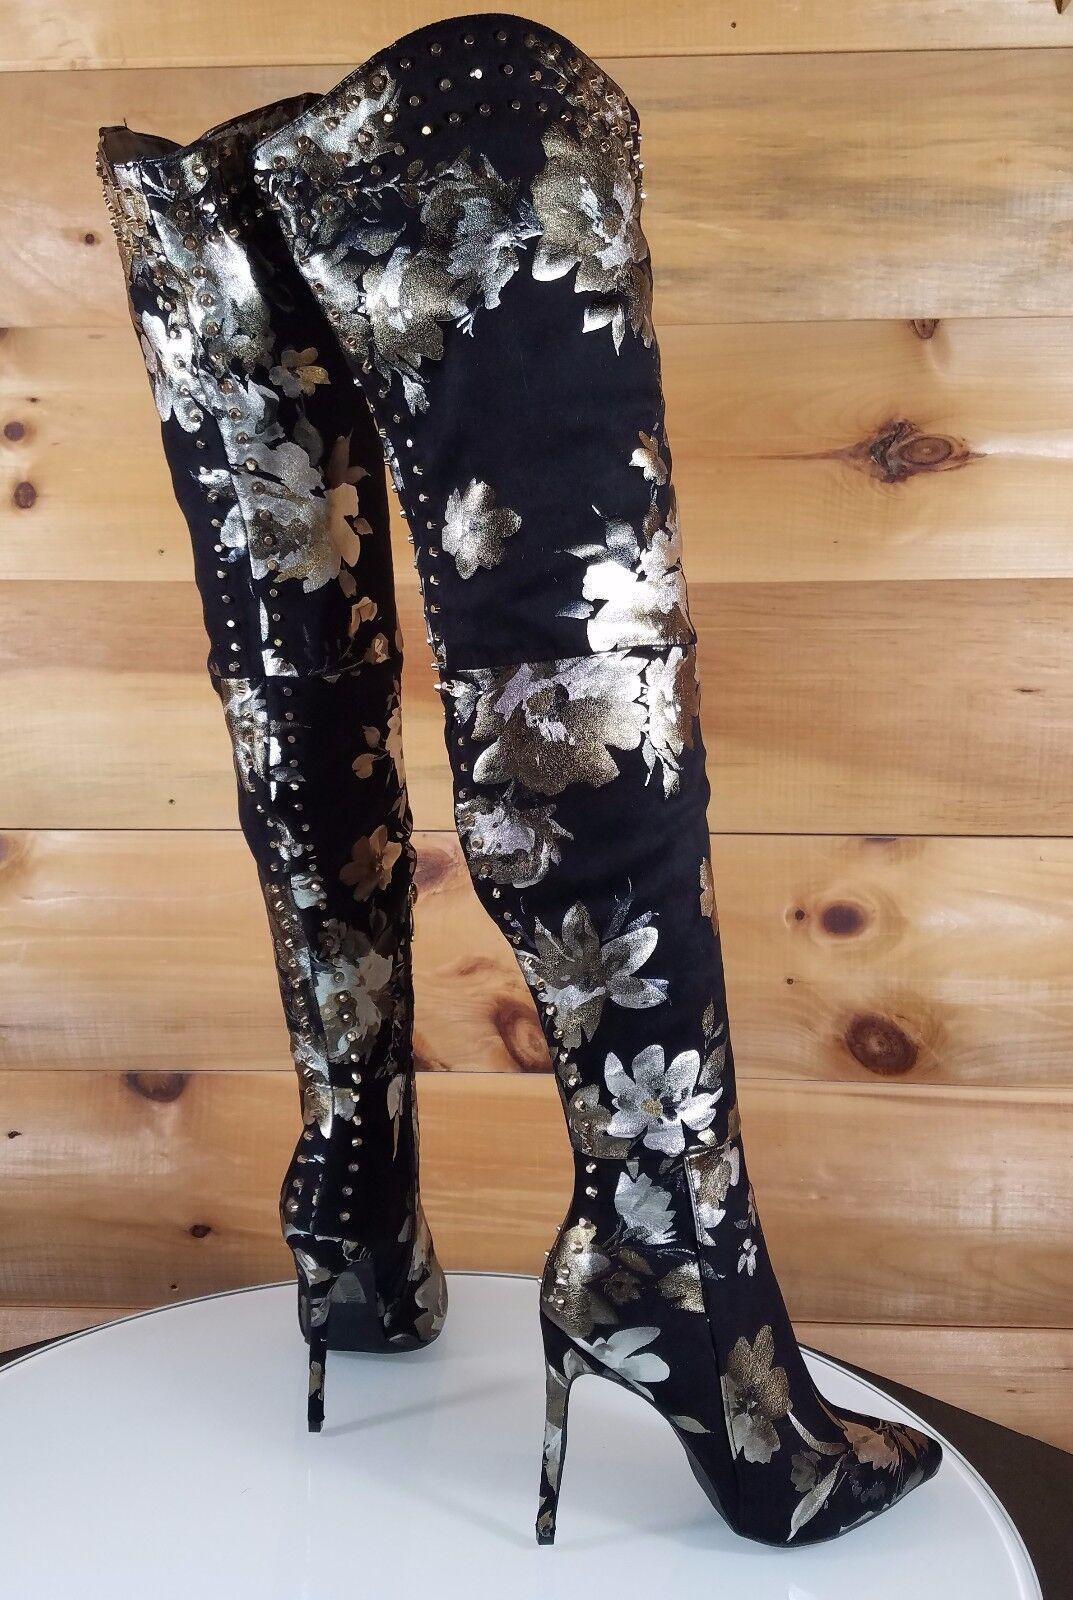 Lexi Floral Floral Floral Negro Tachonado alto del muslo botas Taco Alto Puntera Puntiaguda 7-11  tienda en linea